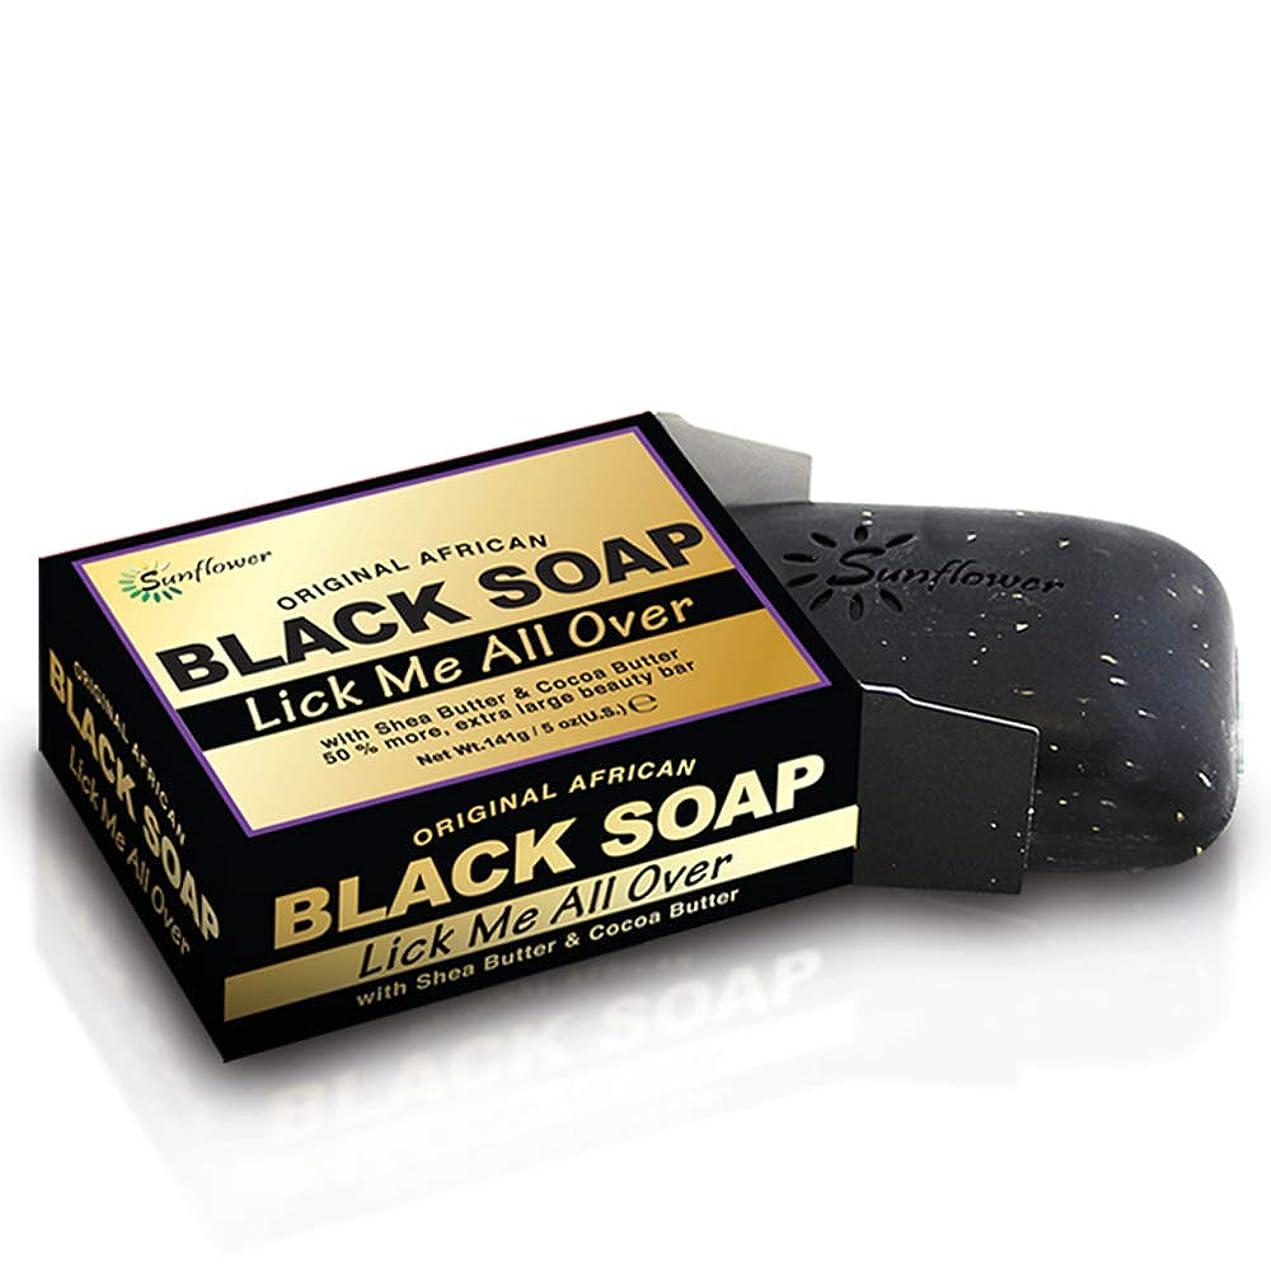 過敏な褒賞警告するDifeel 手作り認証オーガニックブラックソープLick Me Over Soap 125g